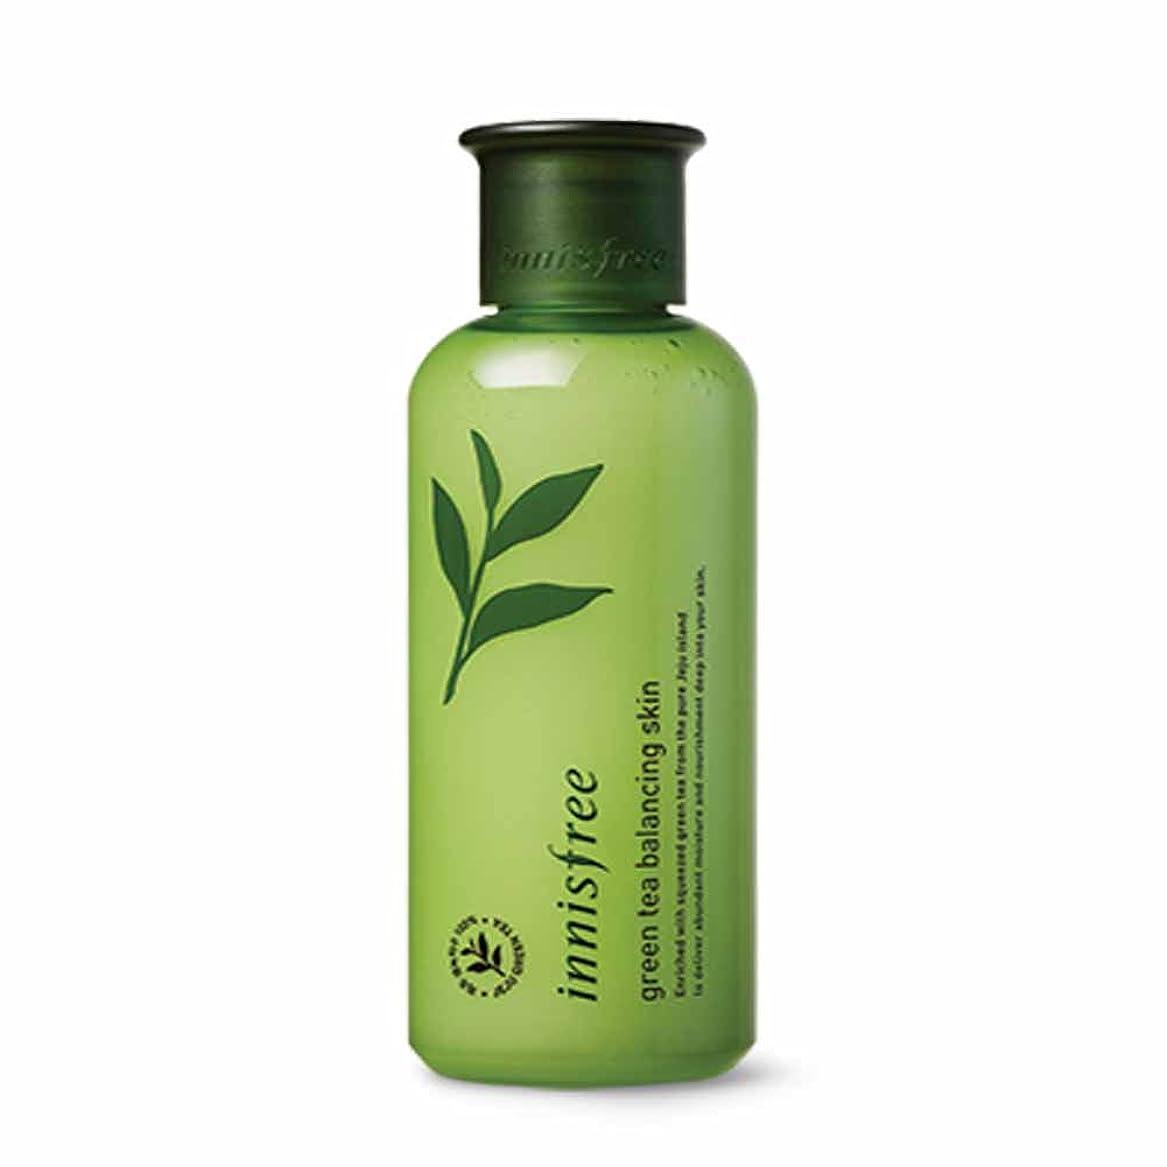 着服アルプス以来イニスフリーグリーンティーバランシングスキン200ml Innisfree Green Tea Balancing Skin 200ml [海外直送品][並行輸入品]